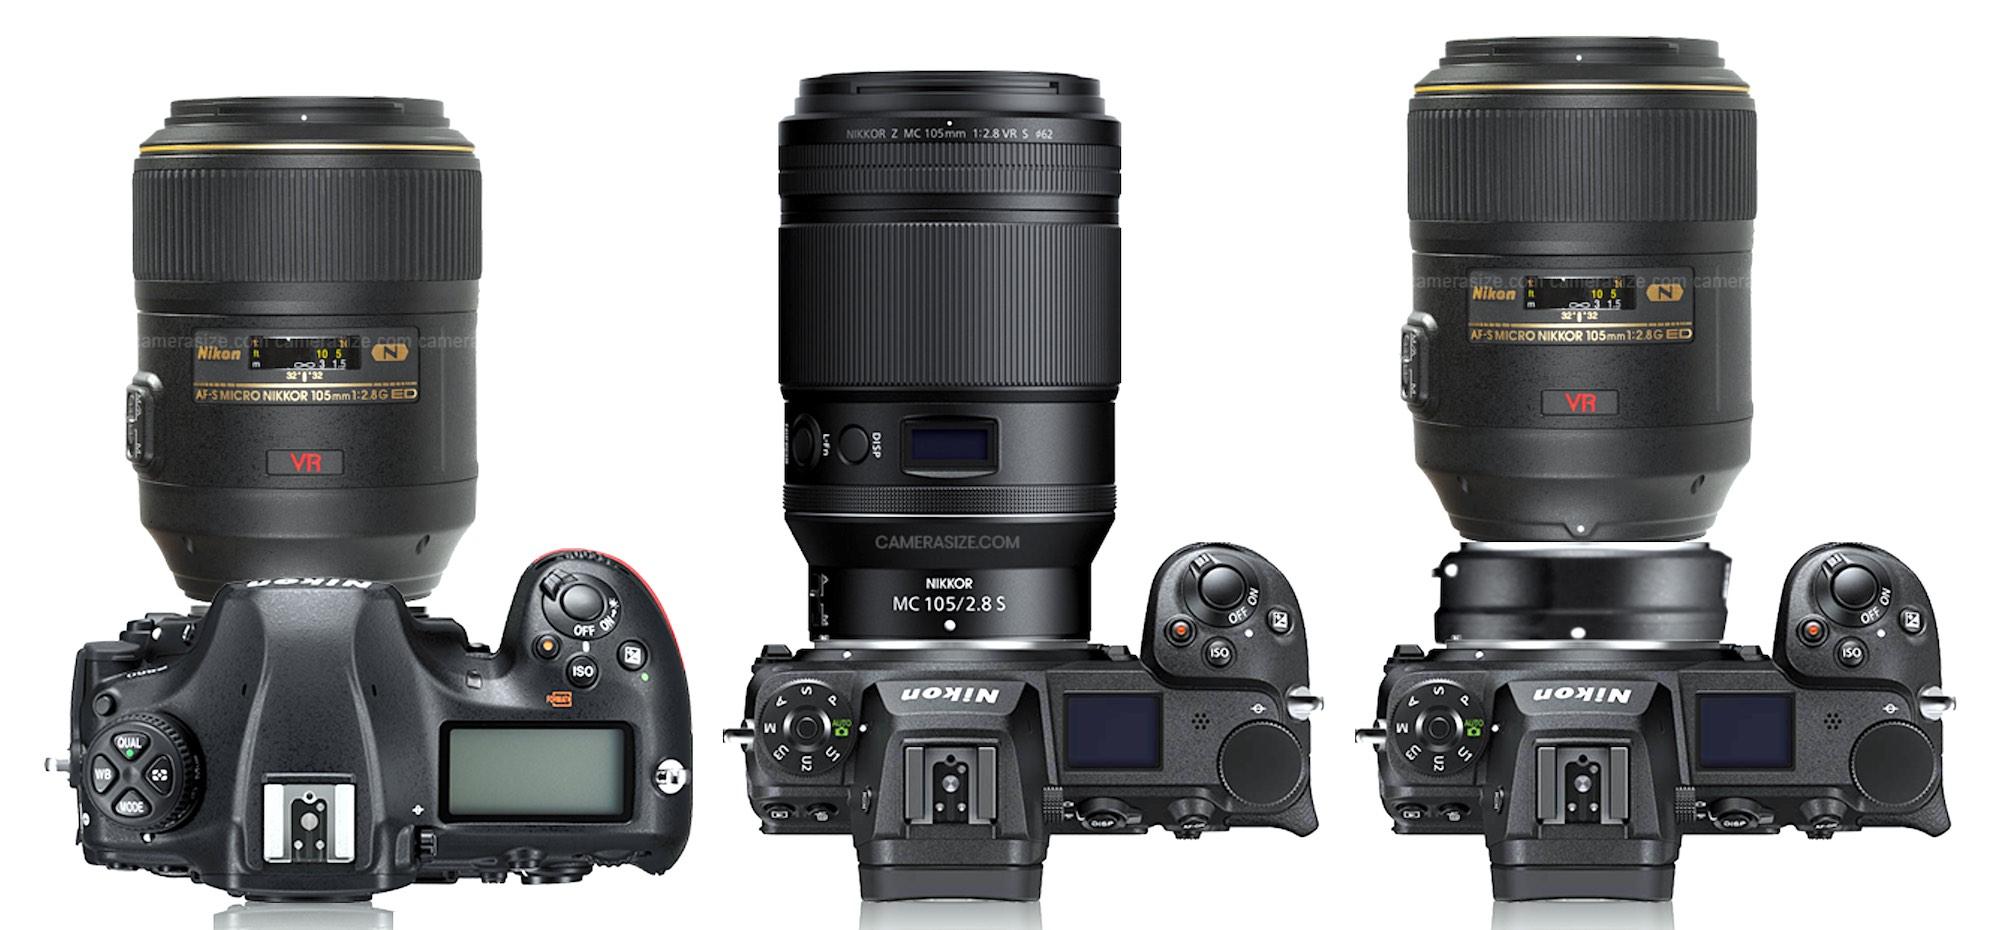 Confronto delle specifiche Nikkor 105mm f/2.8G VR IF-E e Nikkor Z MC 105mm f/2.8 VR